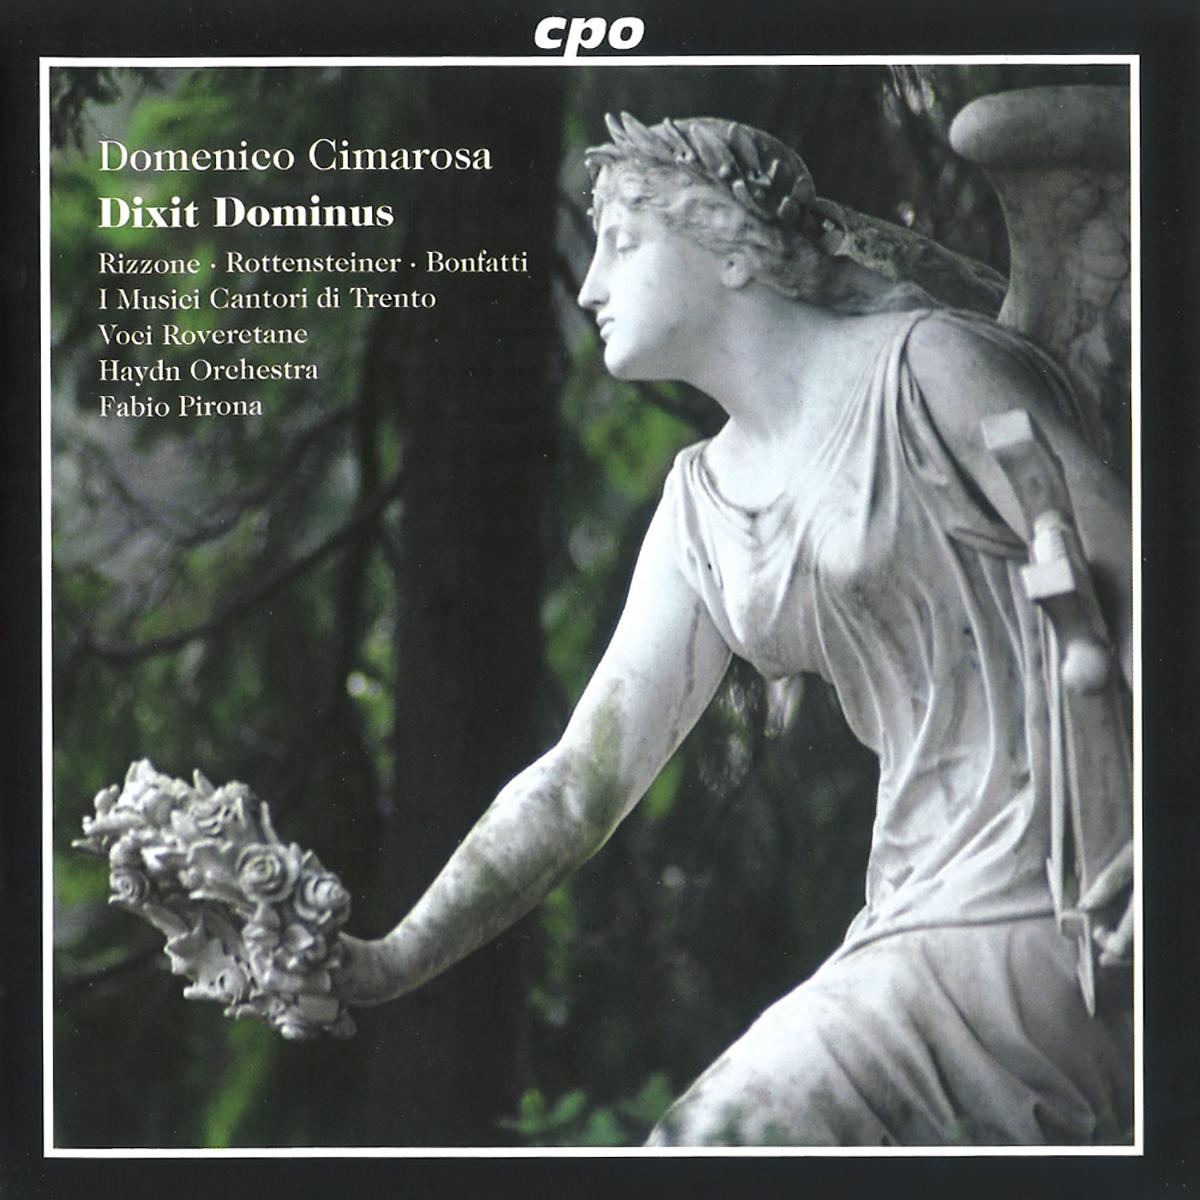 Domenico Cimarosa - Dixit Dominus